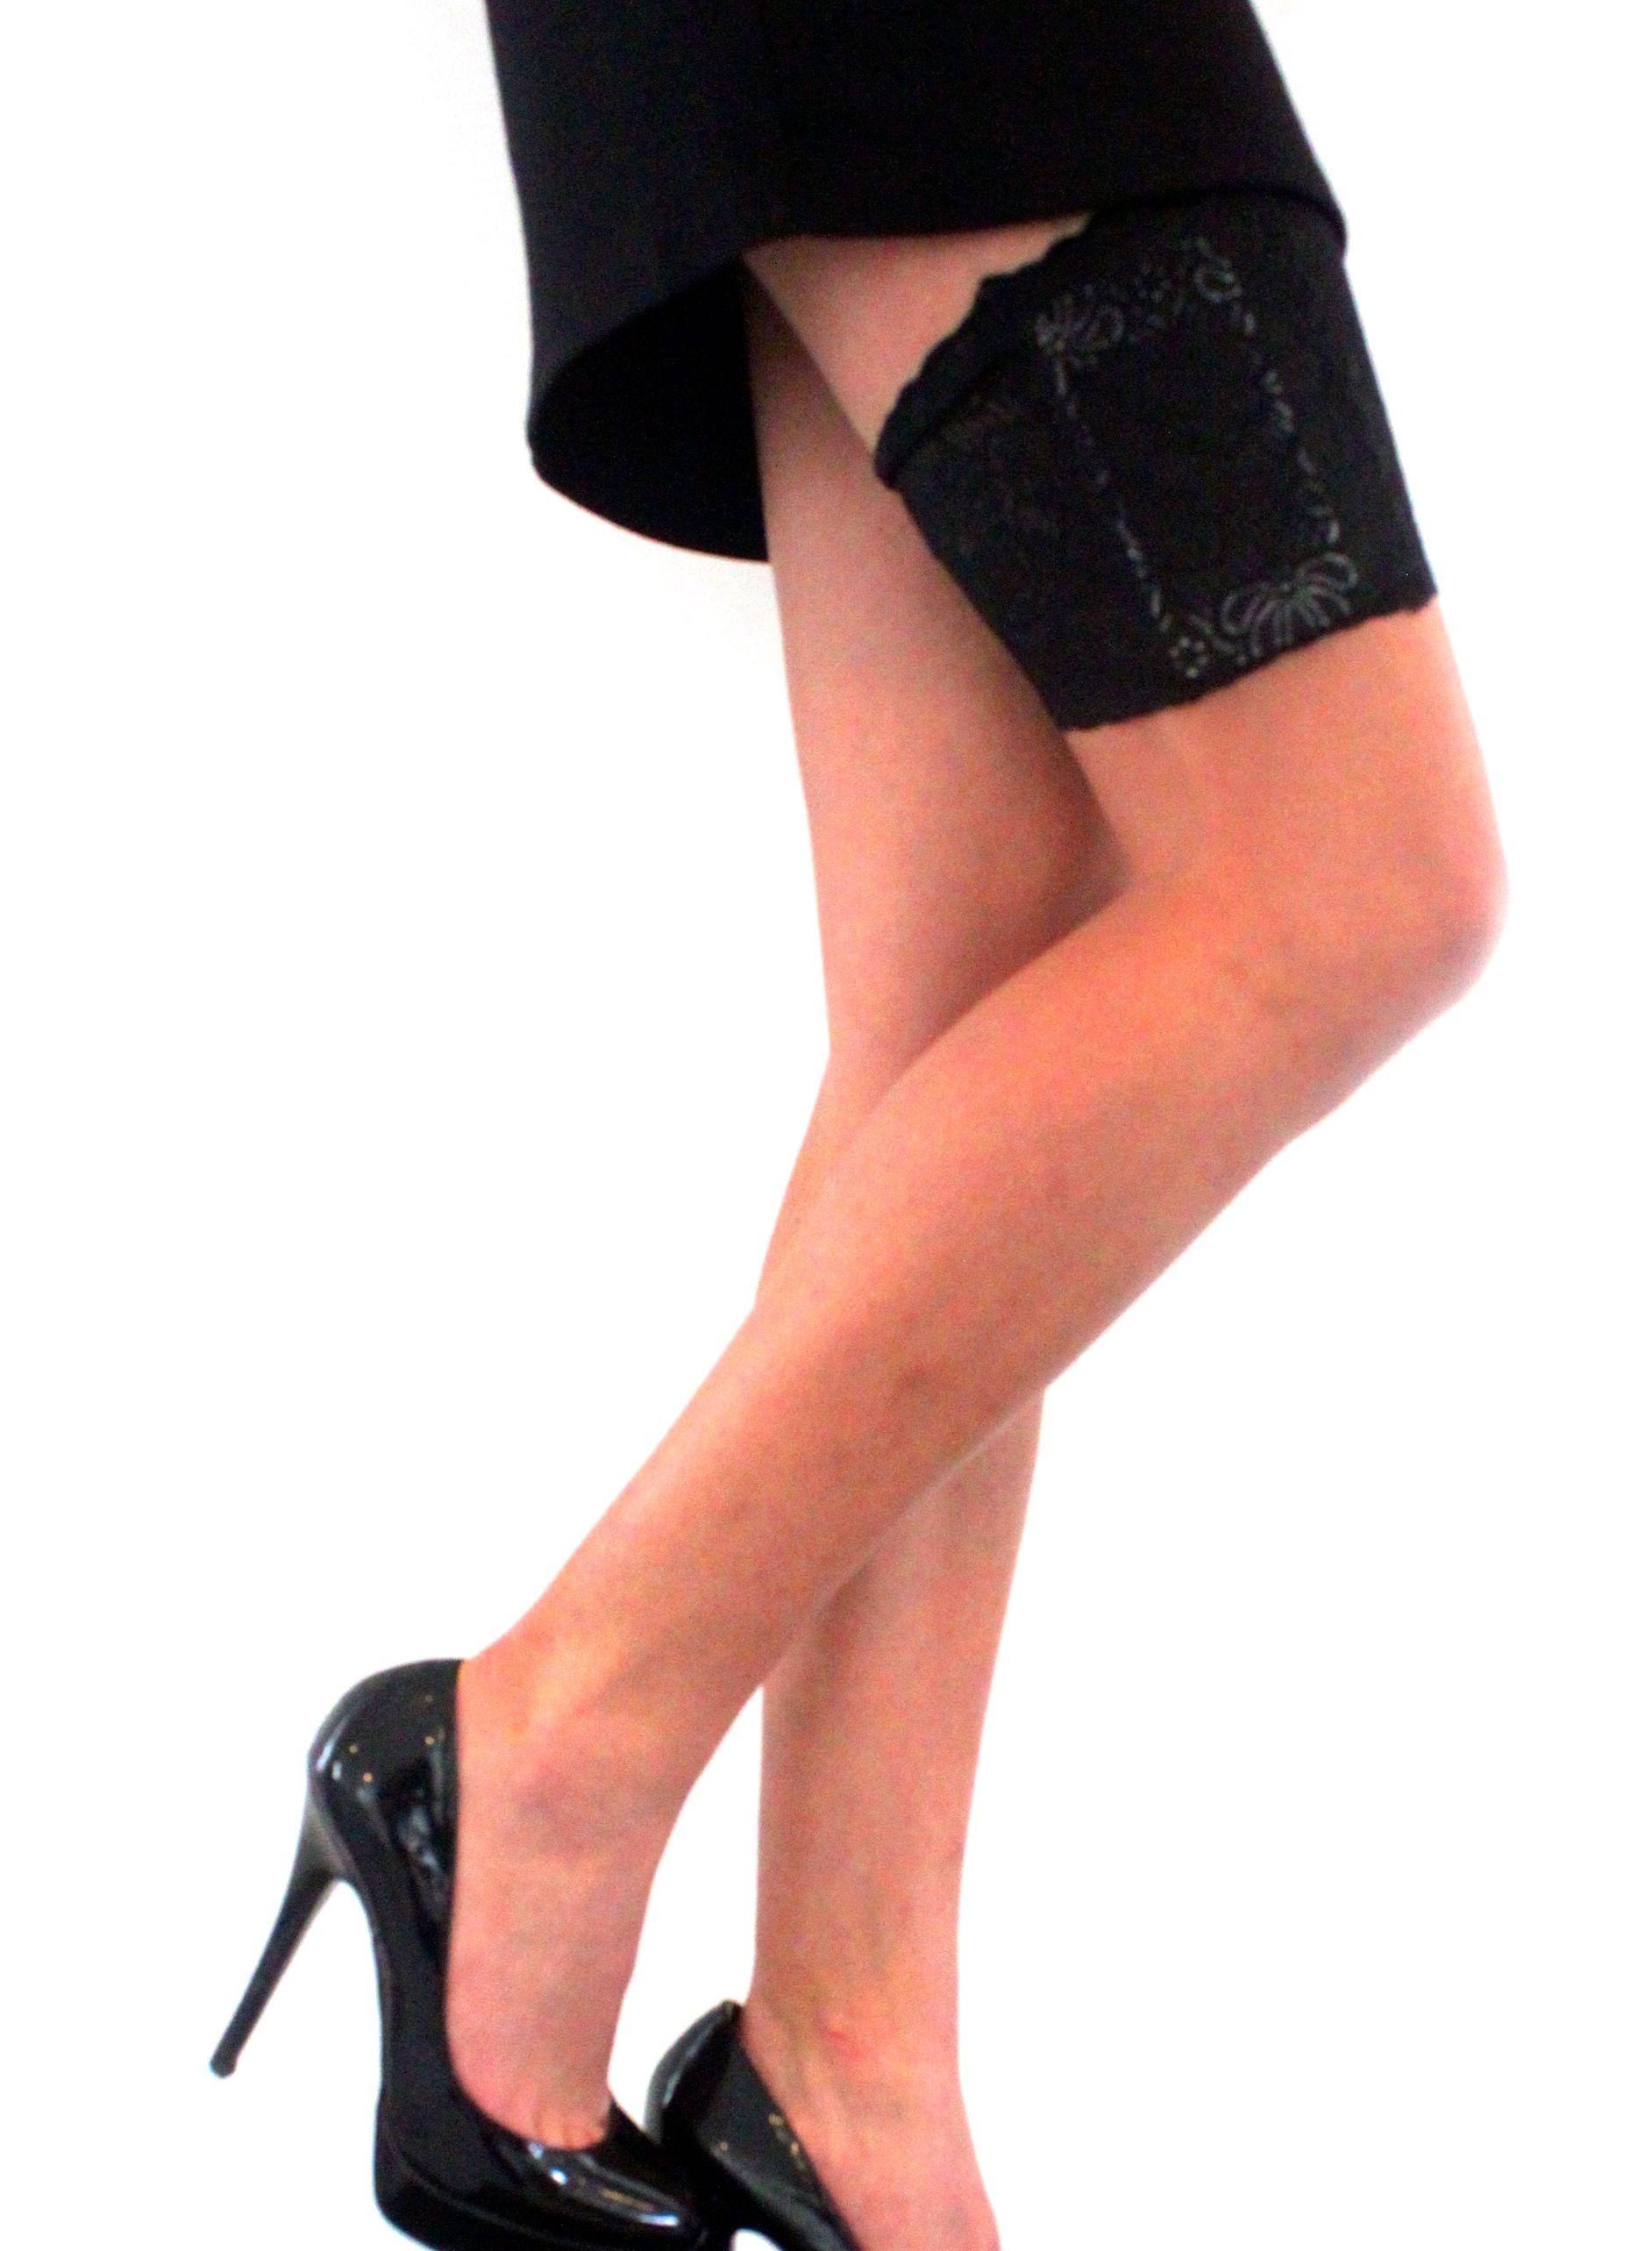 b19416181 garter purse